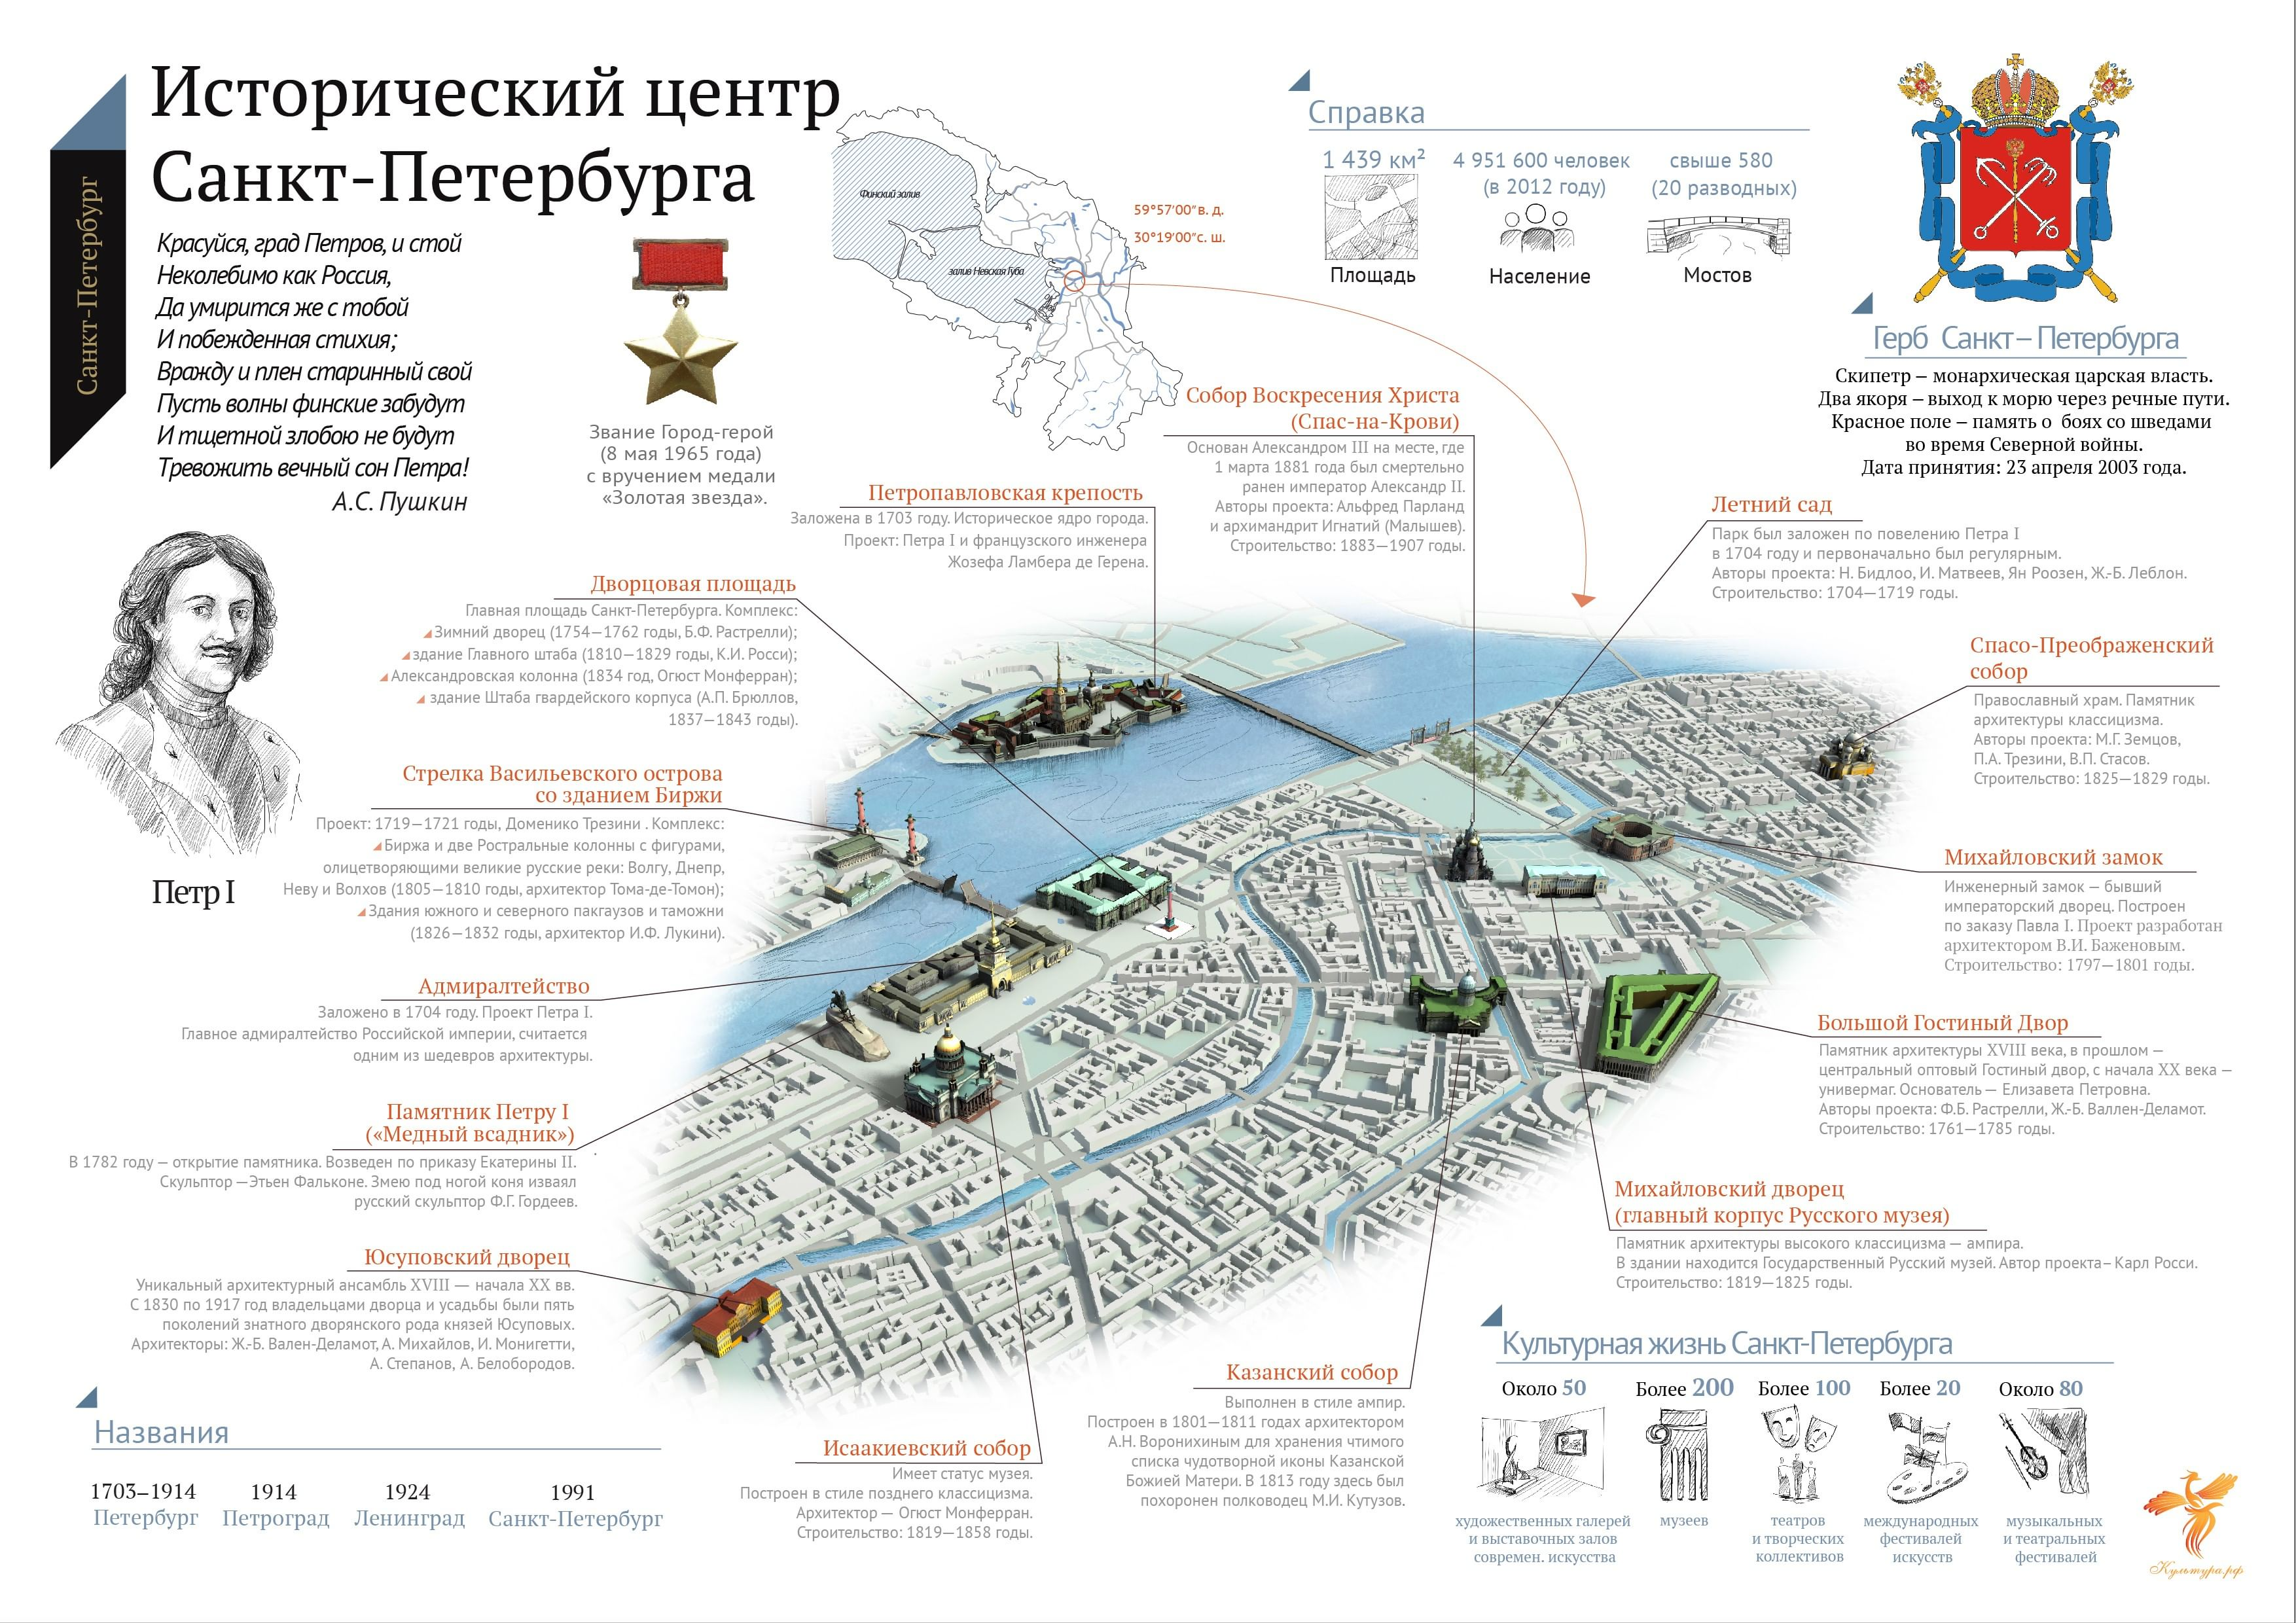 исторический центр санкт-петербурга фото 4 класс